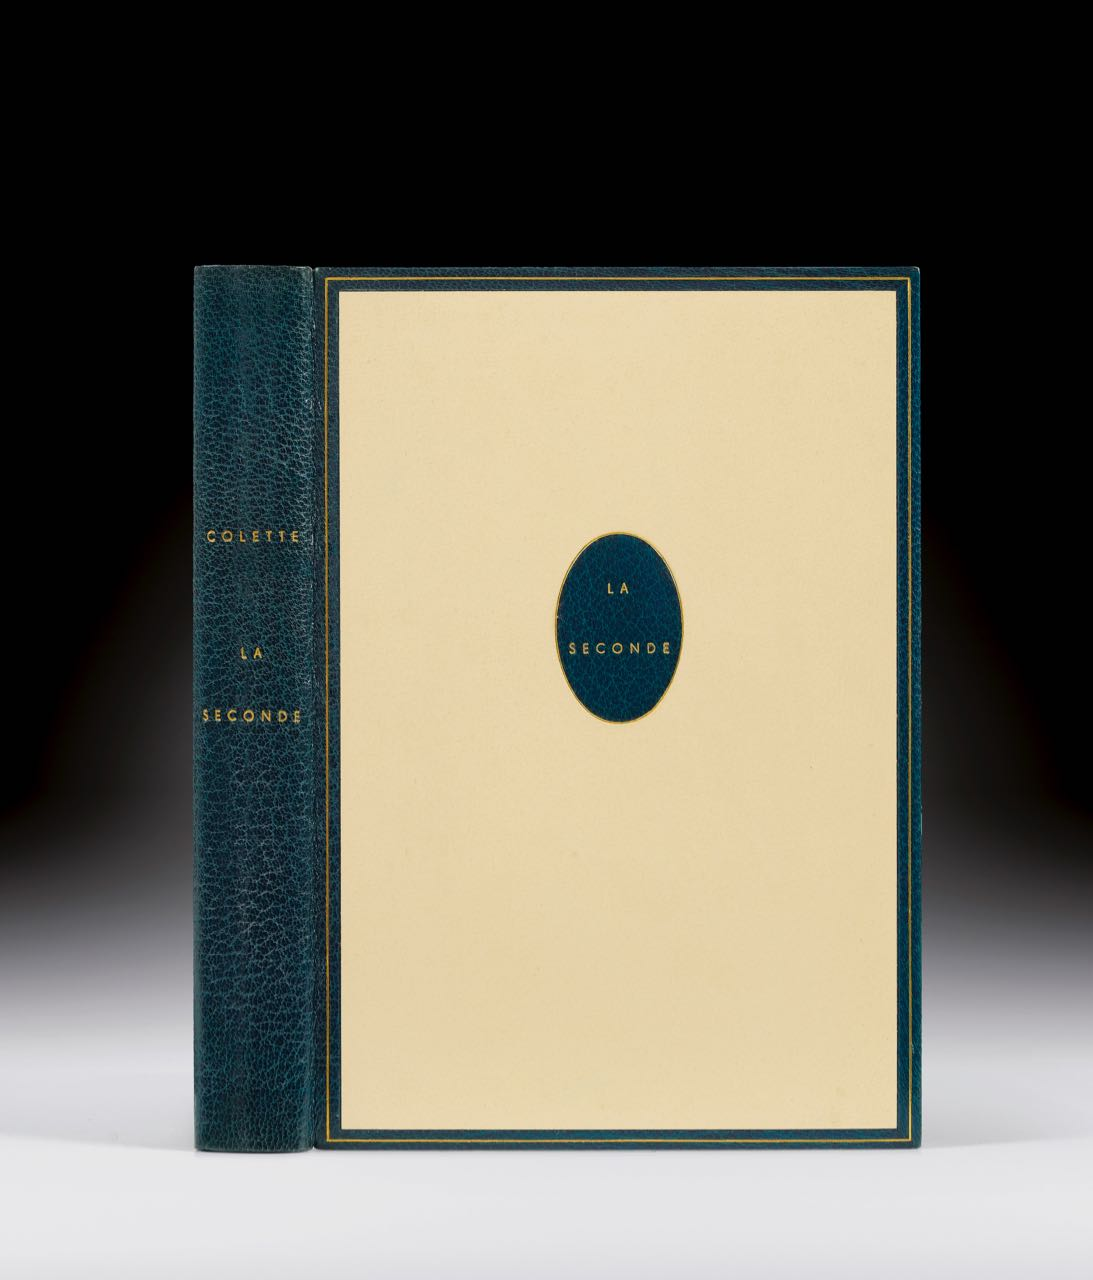 COLETTE. La Seconde UNE SUPERBE RELIURE DE 1948 DU MAÎTRE-RELIEUR PIERRE-LUCIEN MARTIN